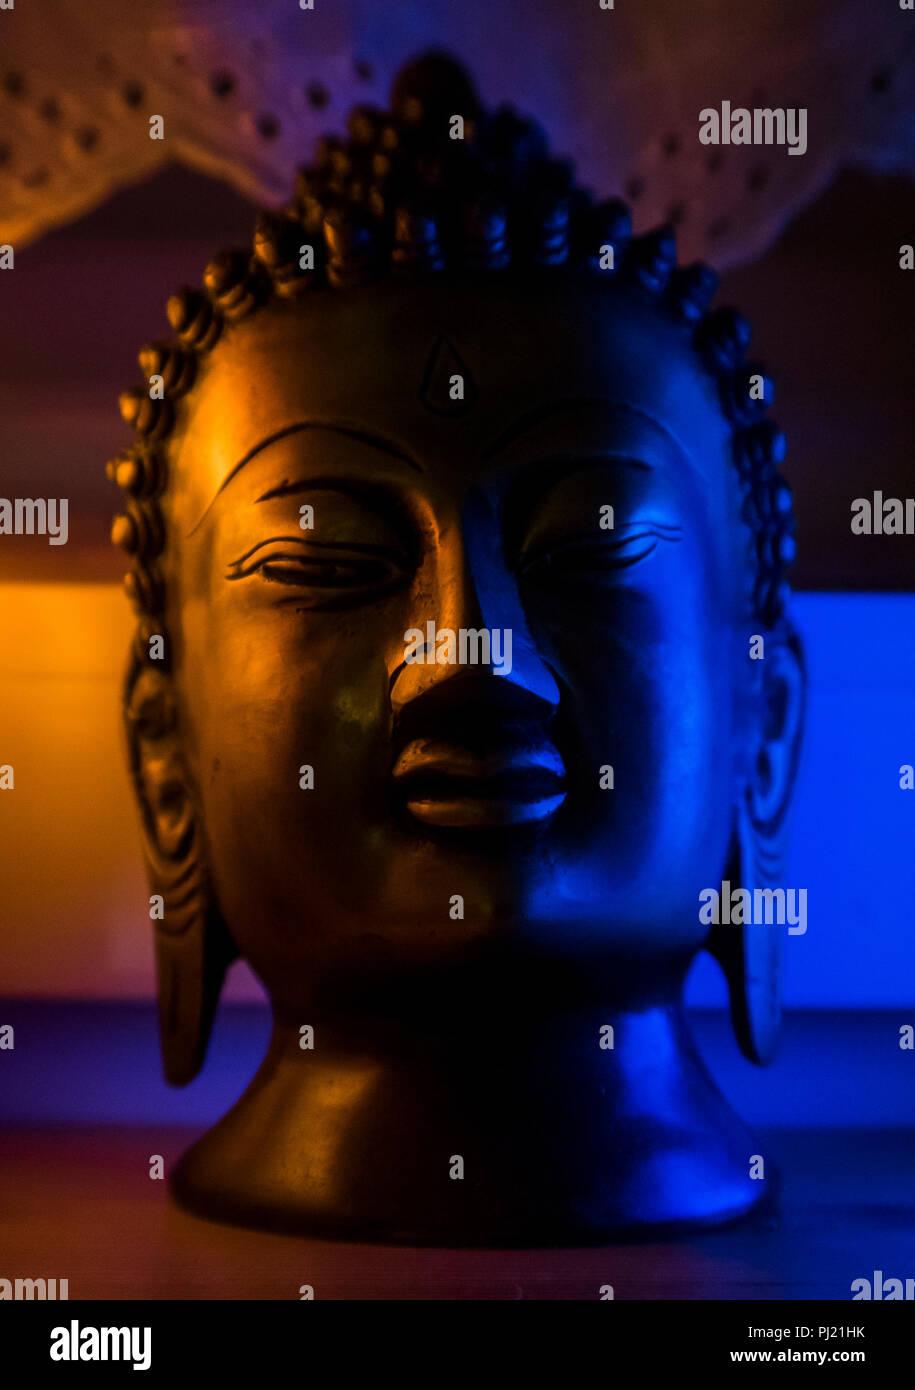 Schwarze Büste Skulptur Buddha in Blau und Orange beleuchtet Stockbild